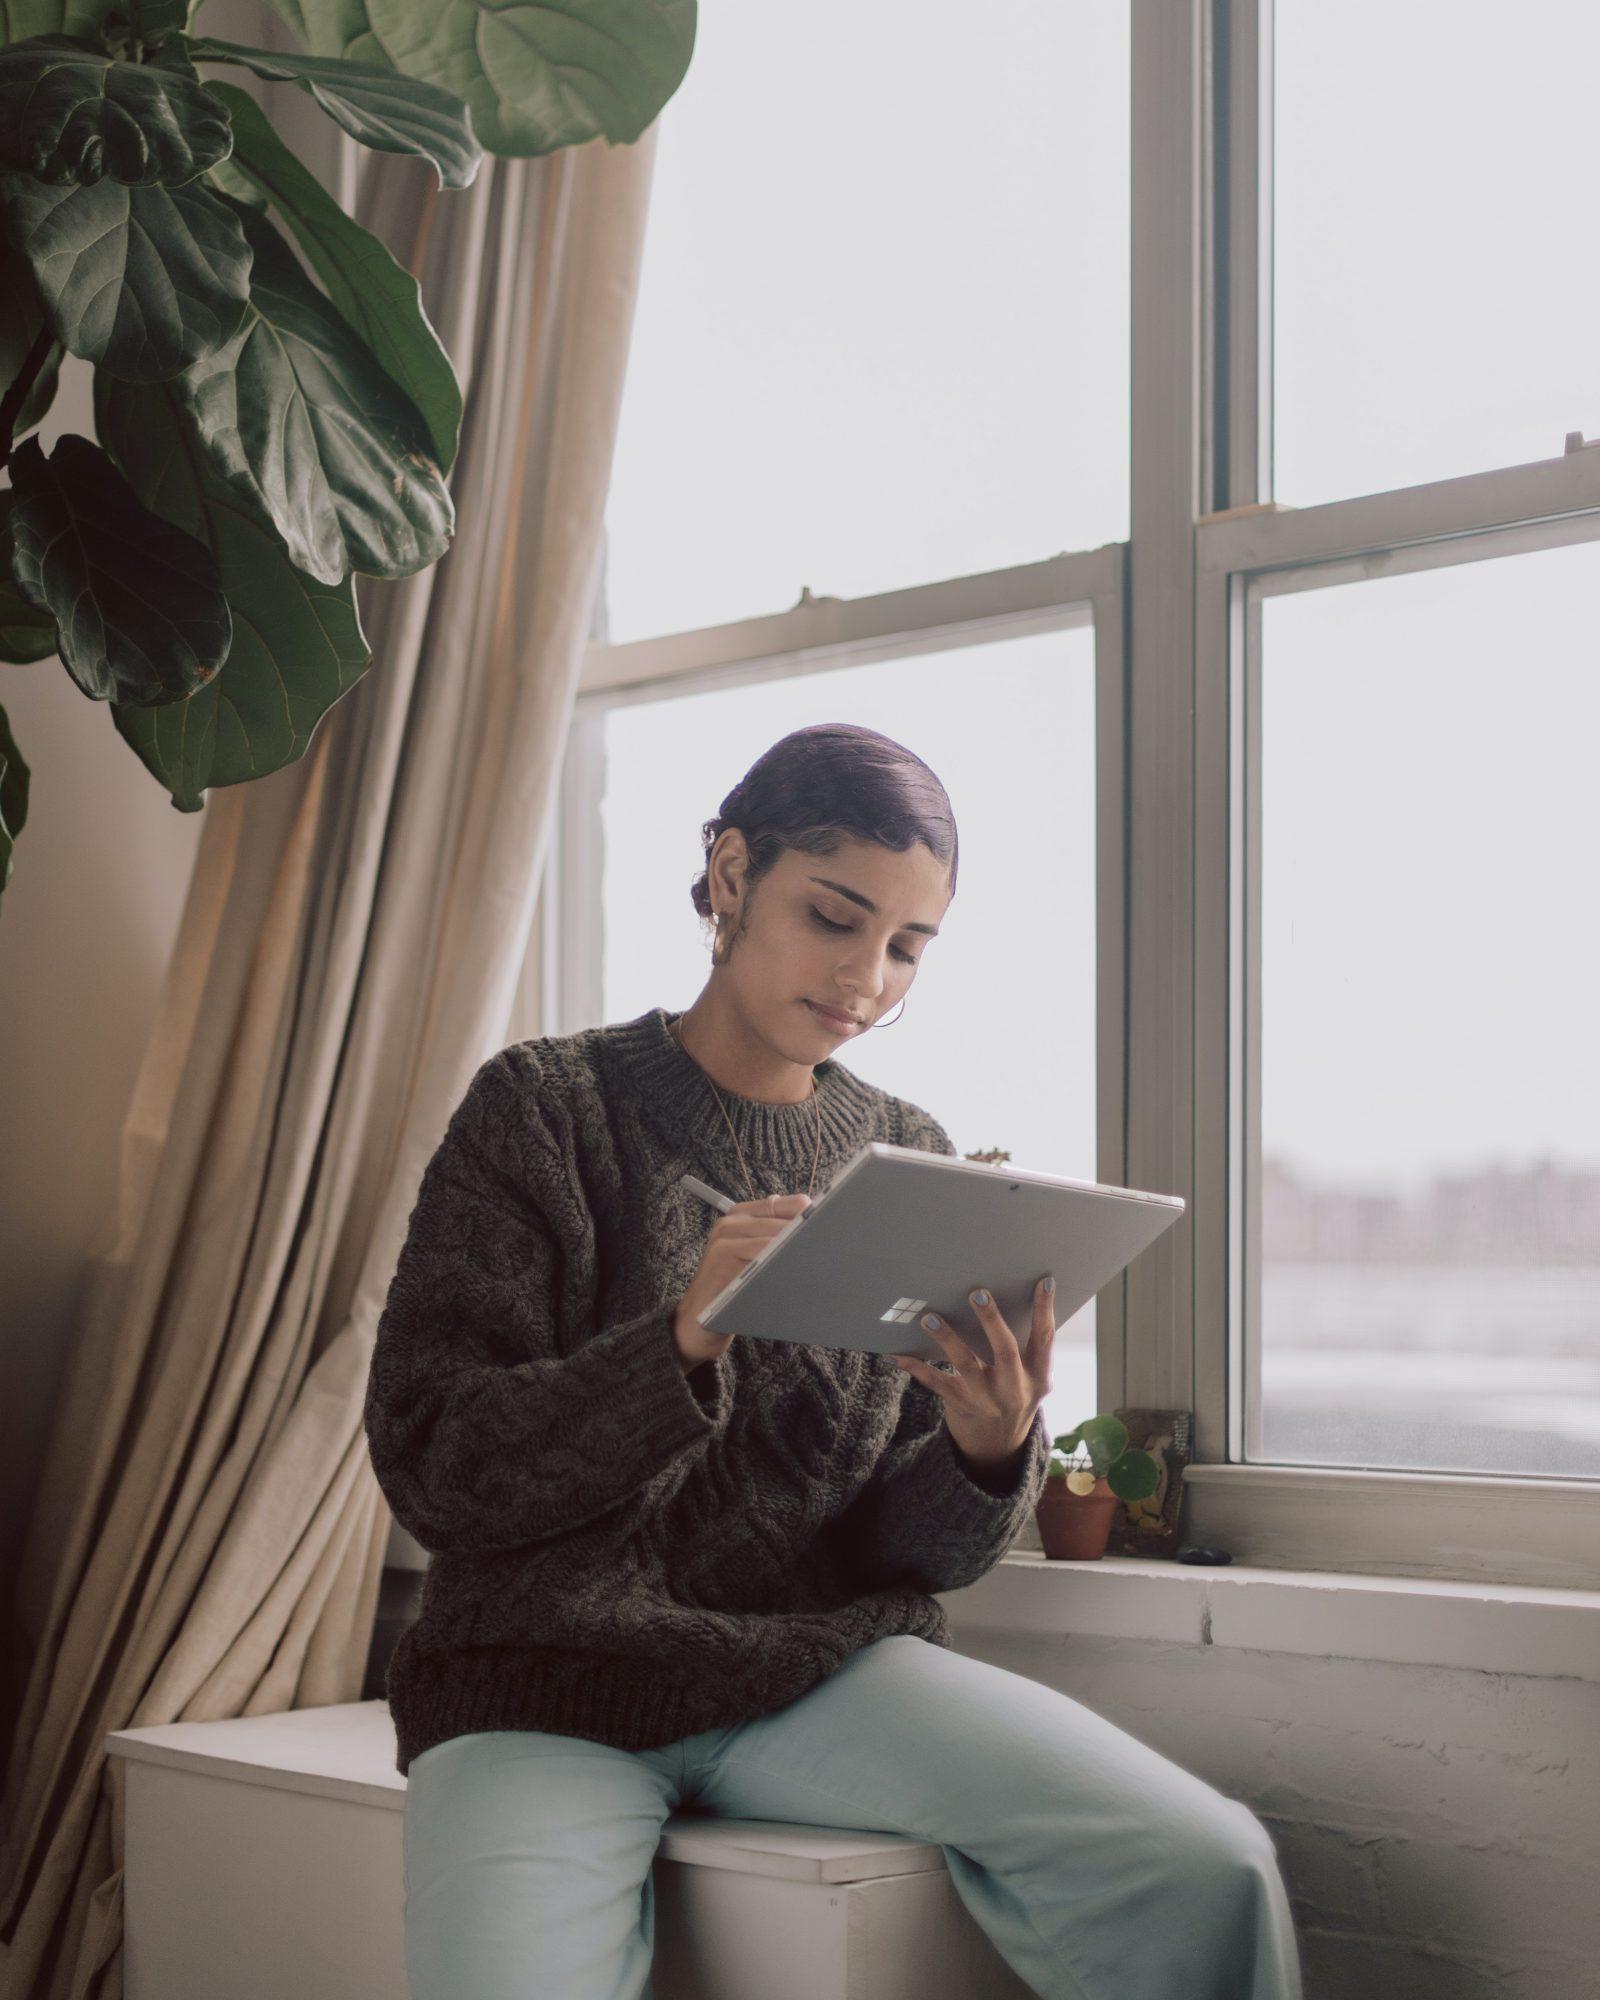 Ihminen istuu ikkunan edessä tabletti kädessä katsoen sen ruutua